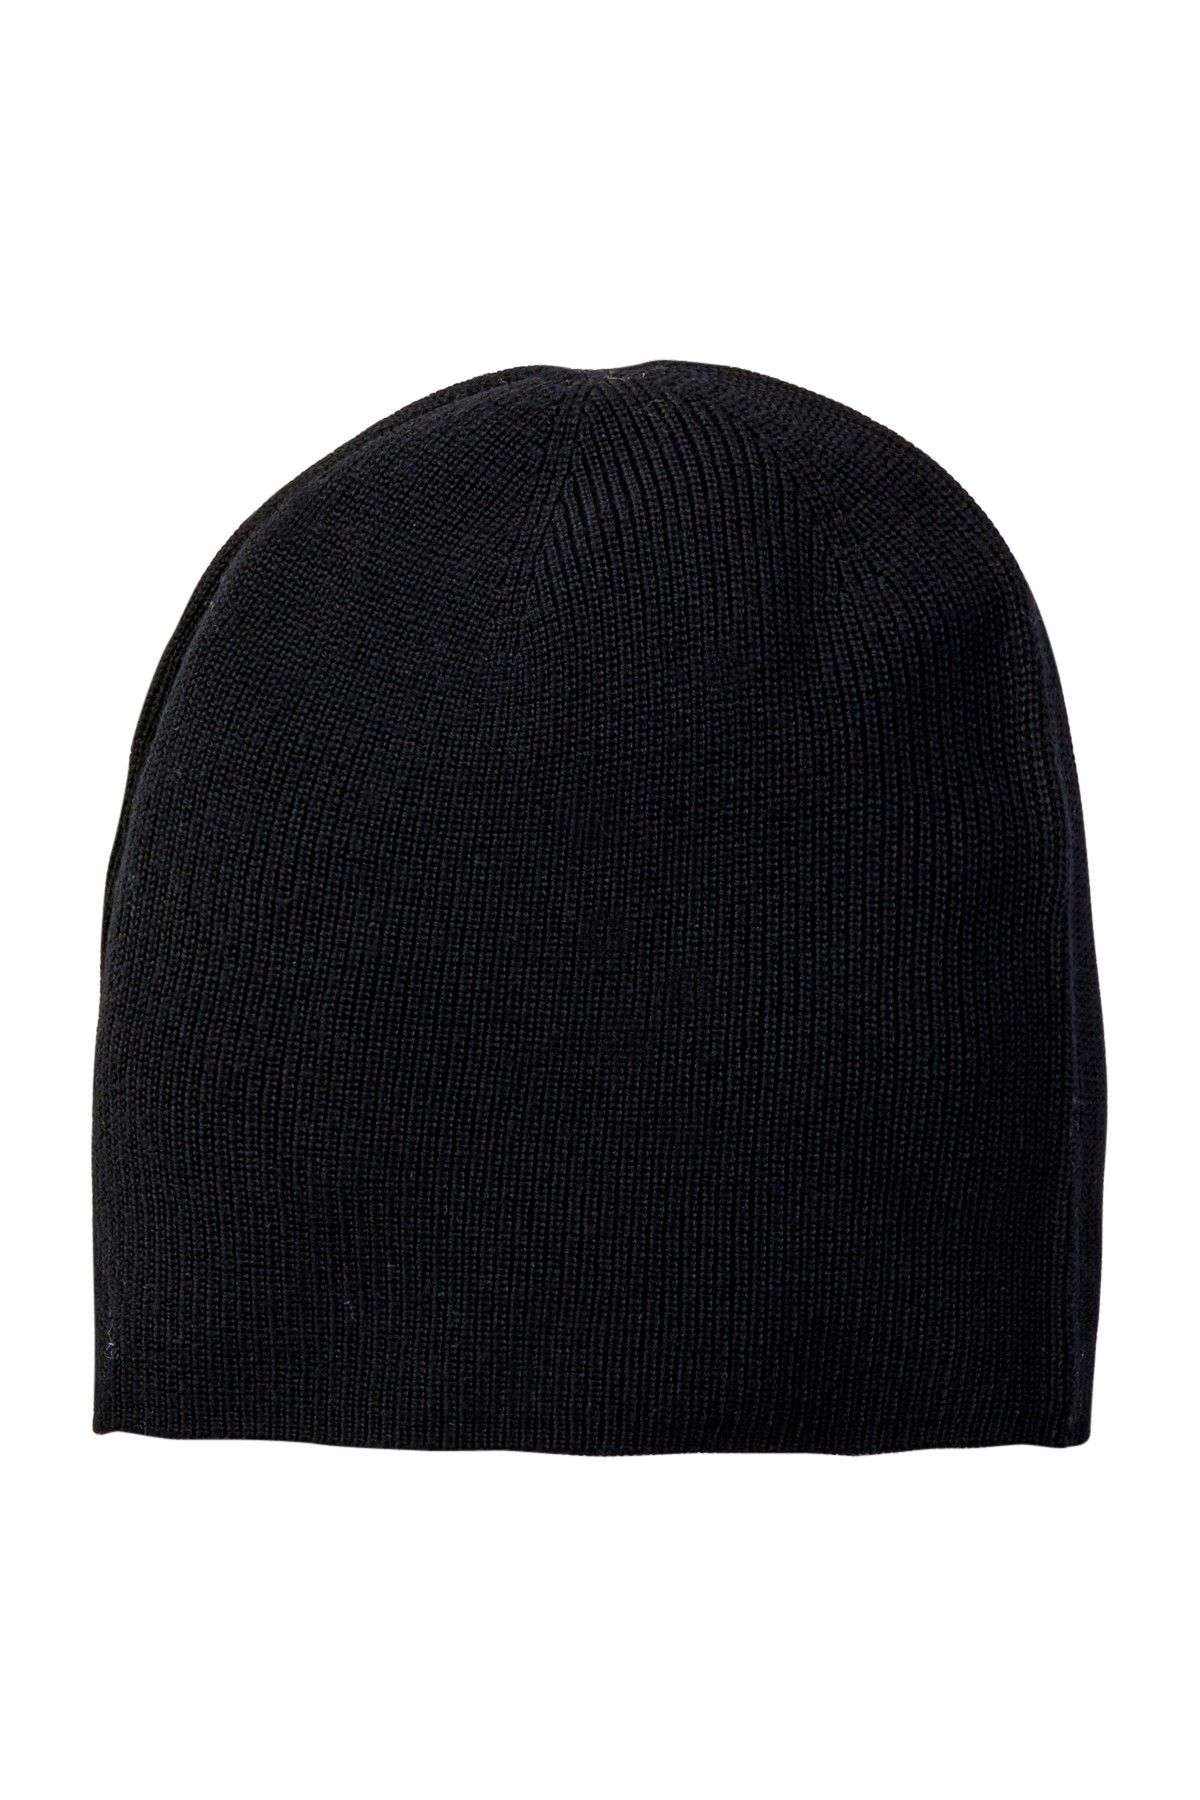 Half Cardigan Merino Wool Beanie